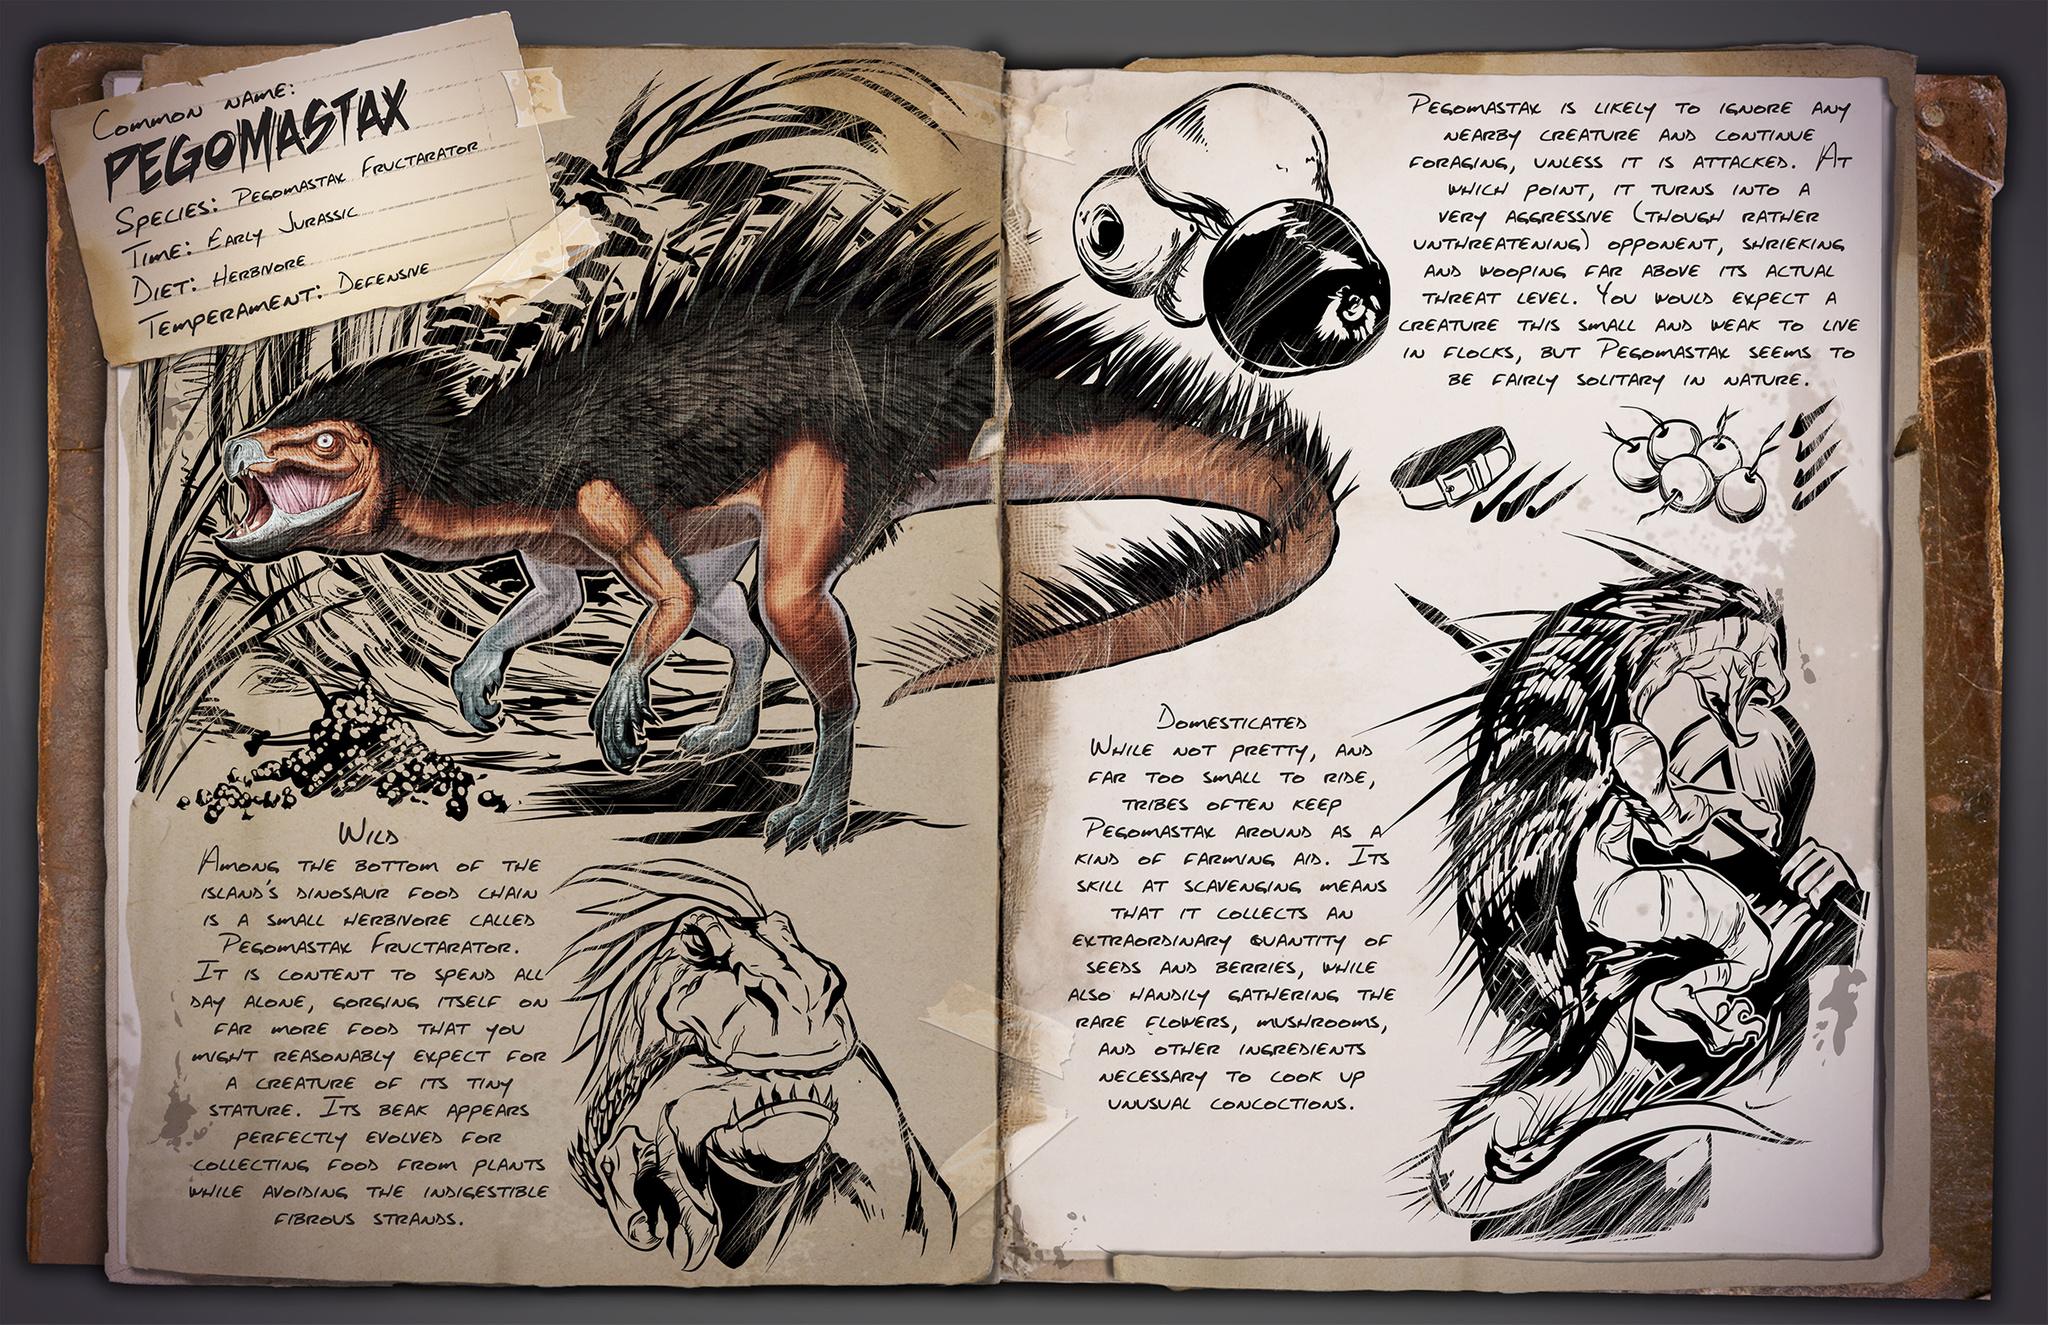 Deutsches Dino Dossier: Pegomastax